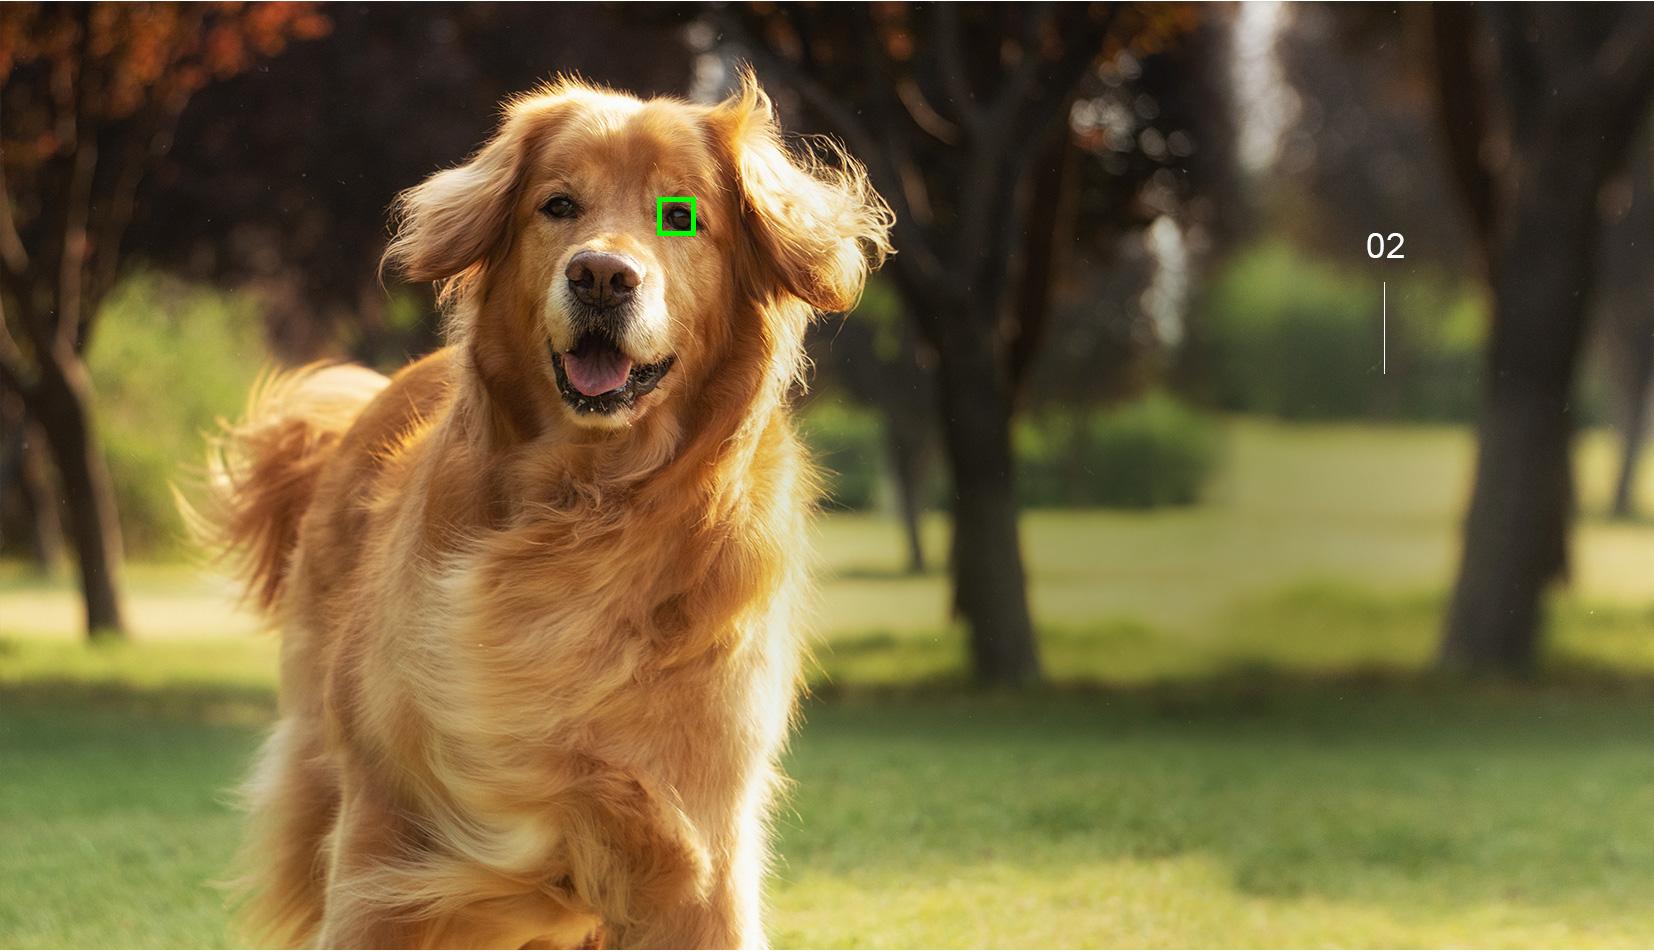 实时动物眼部对焦样照